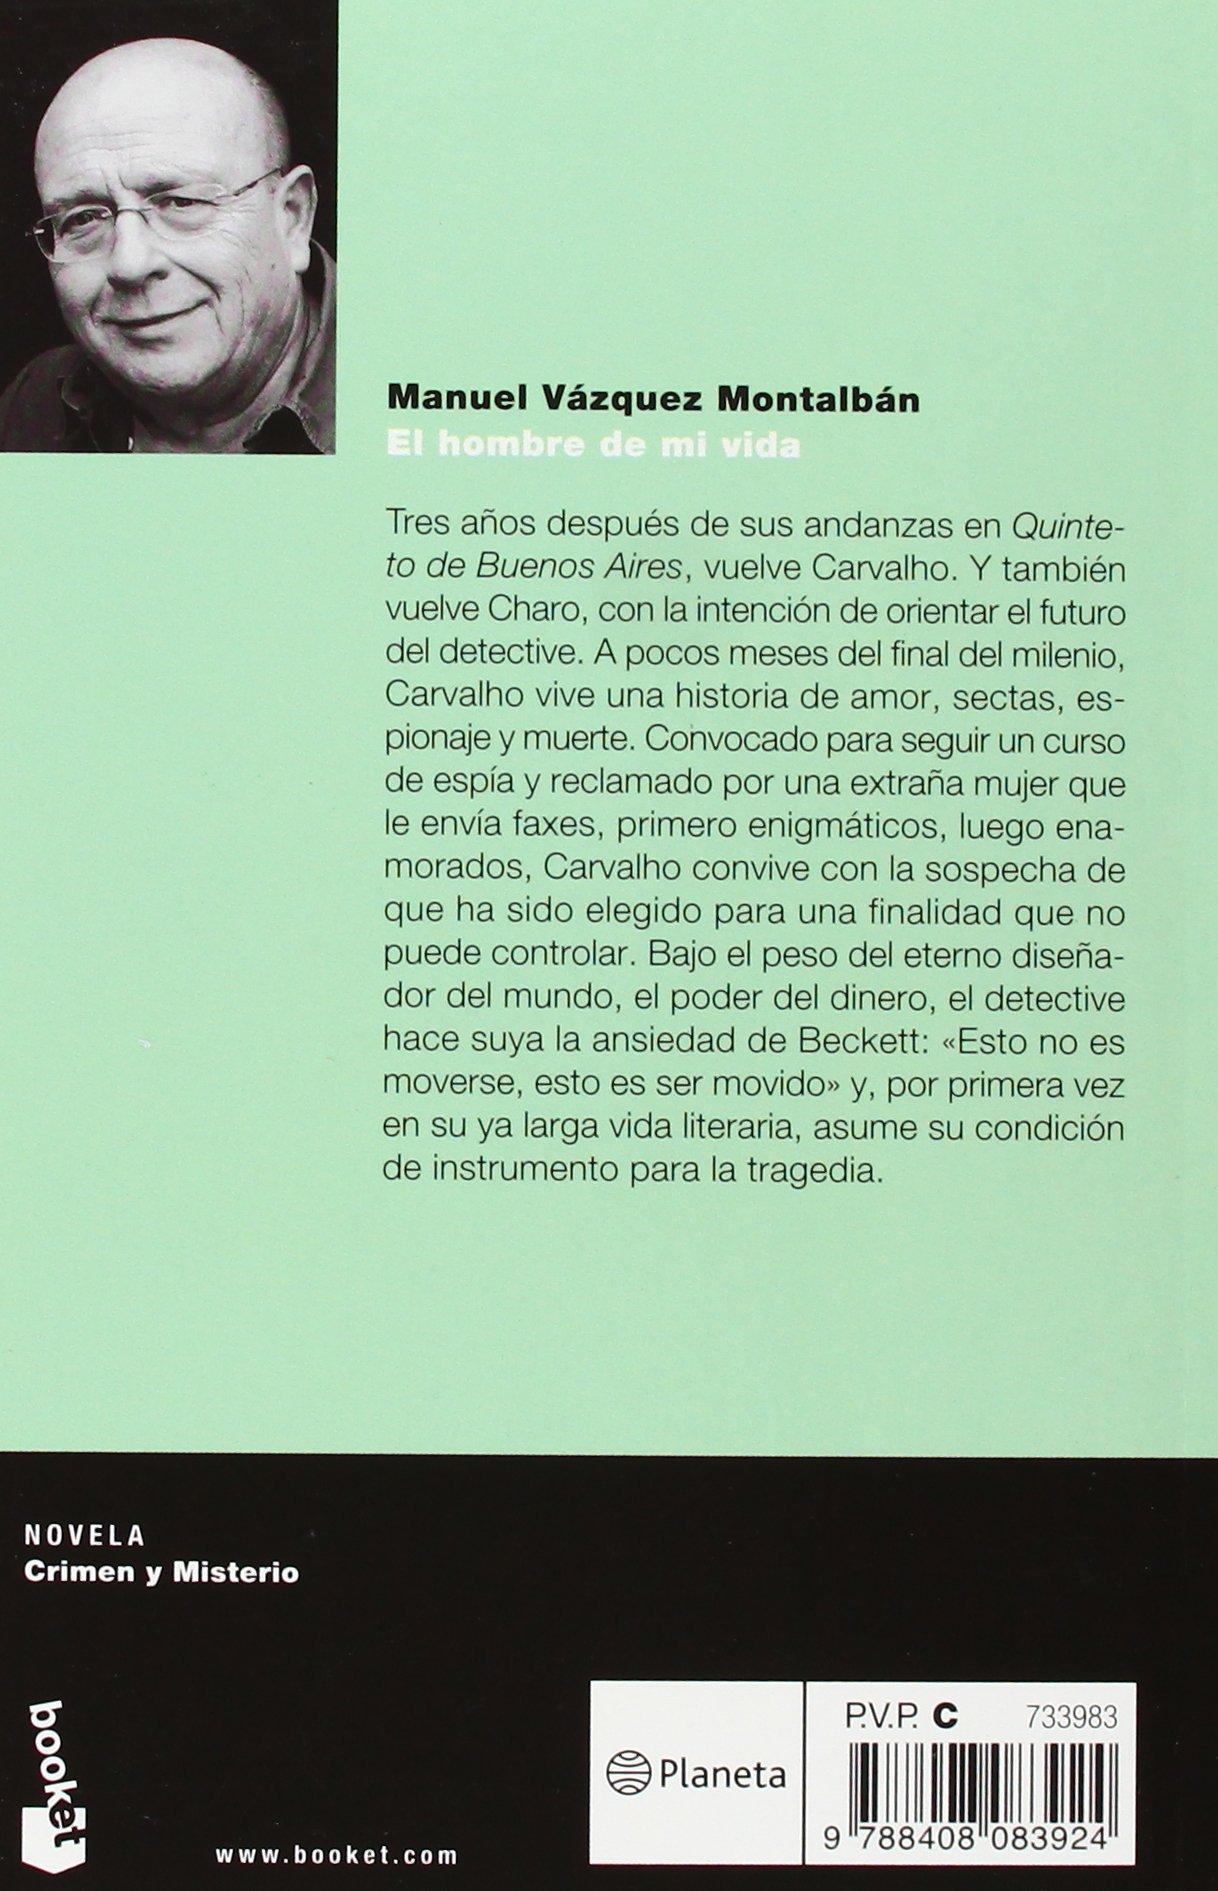 El hombre de mi vida (Crimen y Misterio): Amazon.es: Manuel ...